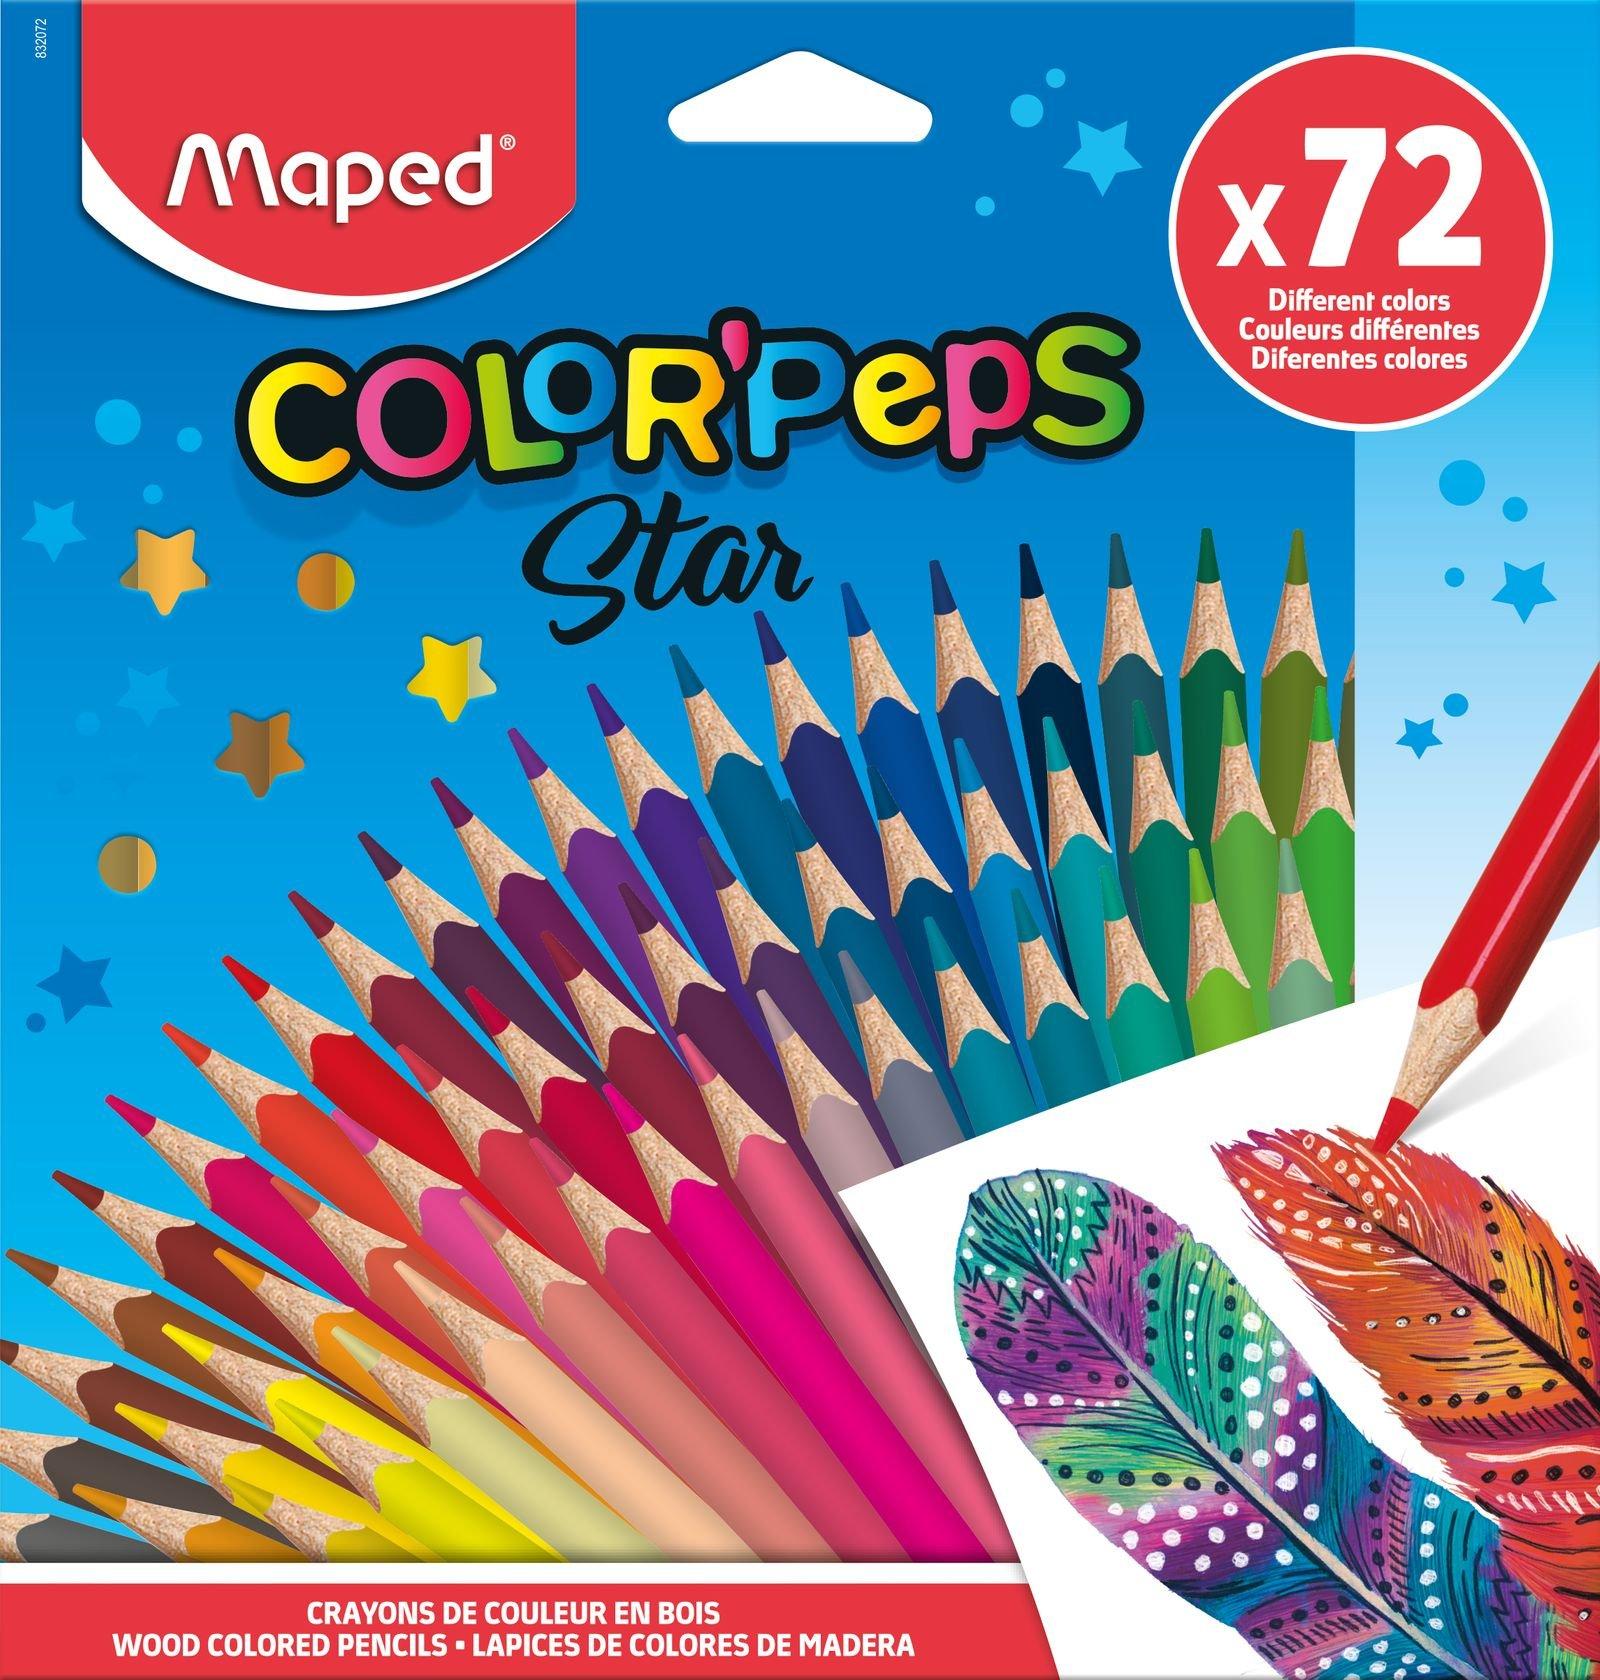 Цветные карандаши ColorPeps Star, 72 цв.